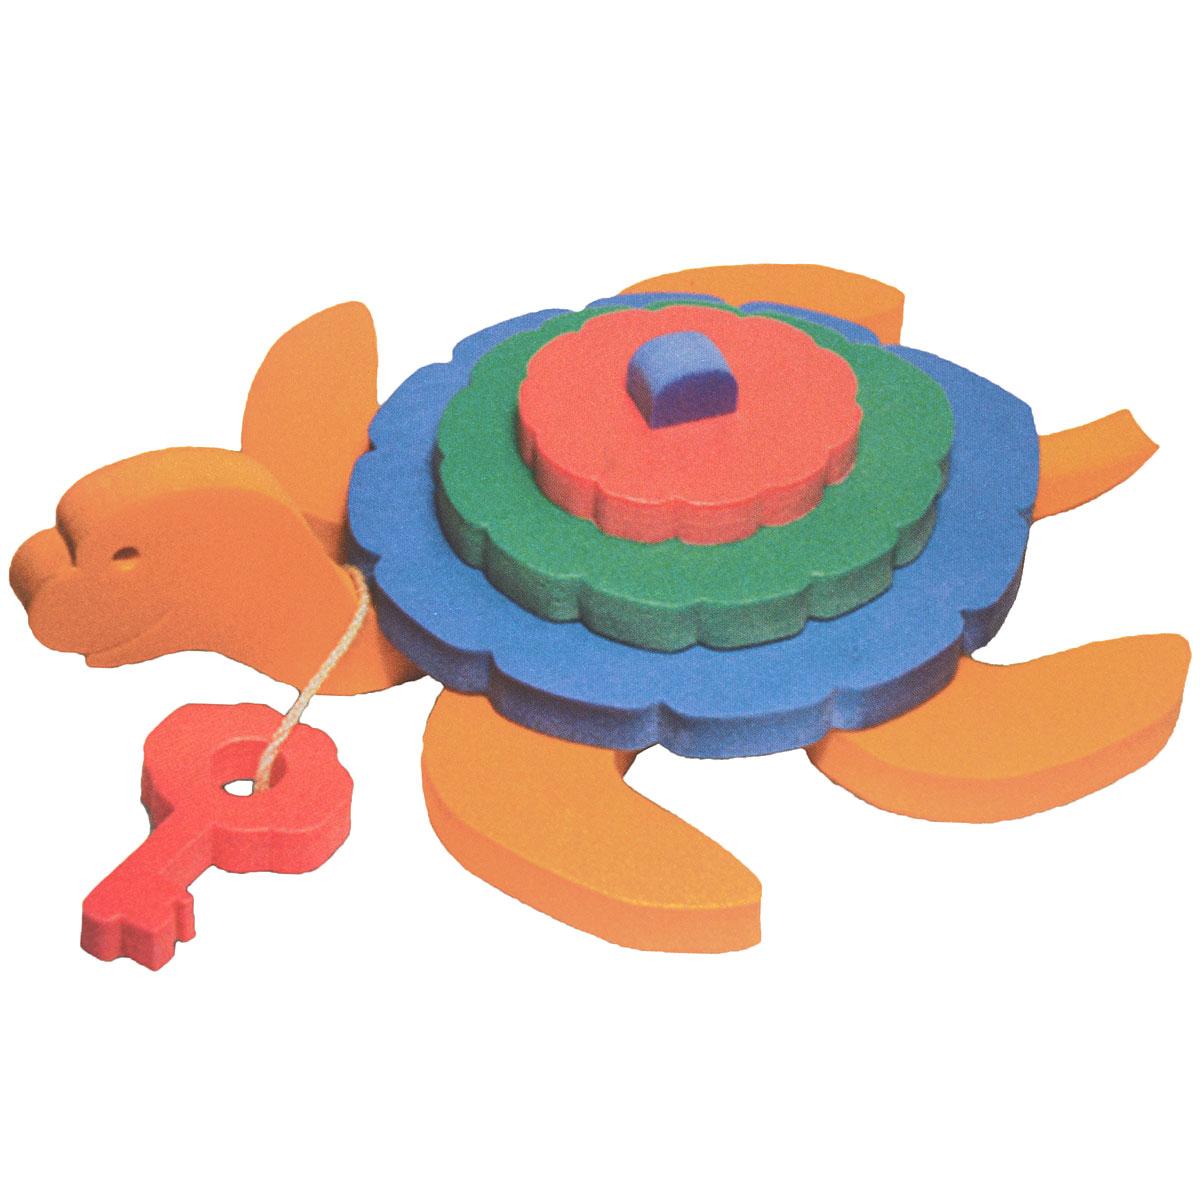 Флексика Мягкий конструктор Черепаха45363Мозаики и конструкторы настолько универсальны и практичны, что с ними можно играть практически везде. Для производства игрушек используется современный, легкий, эластичный, прочный материал, который обеспечивает большую долговечность игрушек, и главное –является абсолютно безопасным для детей. К тому же, благодаря особой структуре материала и свойству прилипать к мокрой поверхности, мягкие конструкторы и мозаики являются идеальной игрушкой для ванны. Способствует развитию у ребенка мелкой моторики, образного и логического мышления, наблюдательности. Производственная фирма `Тедико` зарекомендовала себя на рынке отечественных товаров как производитель высококачественных конструкторов и мозаик серии `Флексика`. Богатый ассортимент включает в себя игрушки для малышей и детей старшего возраста.